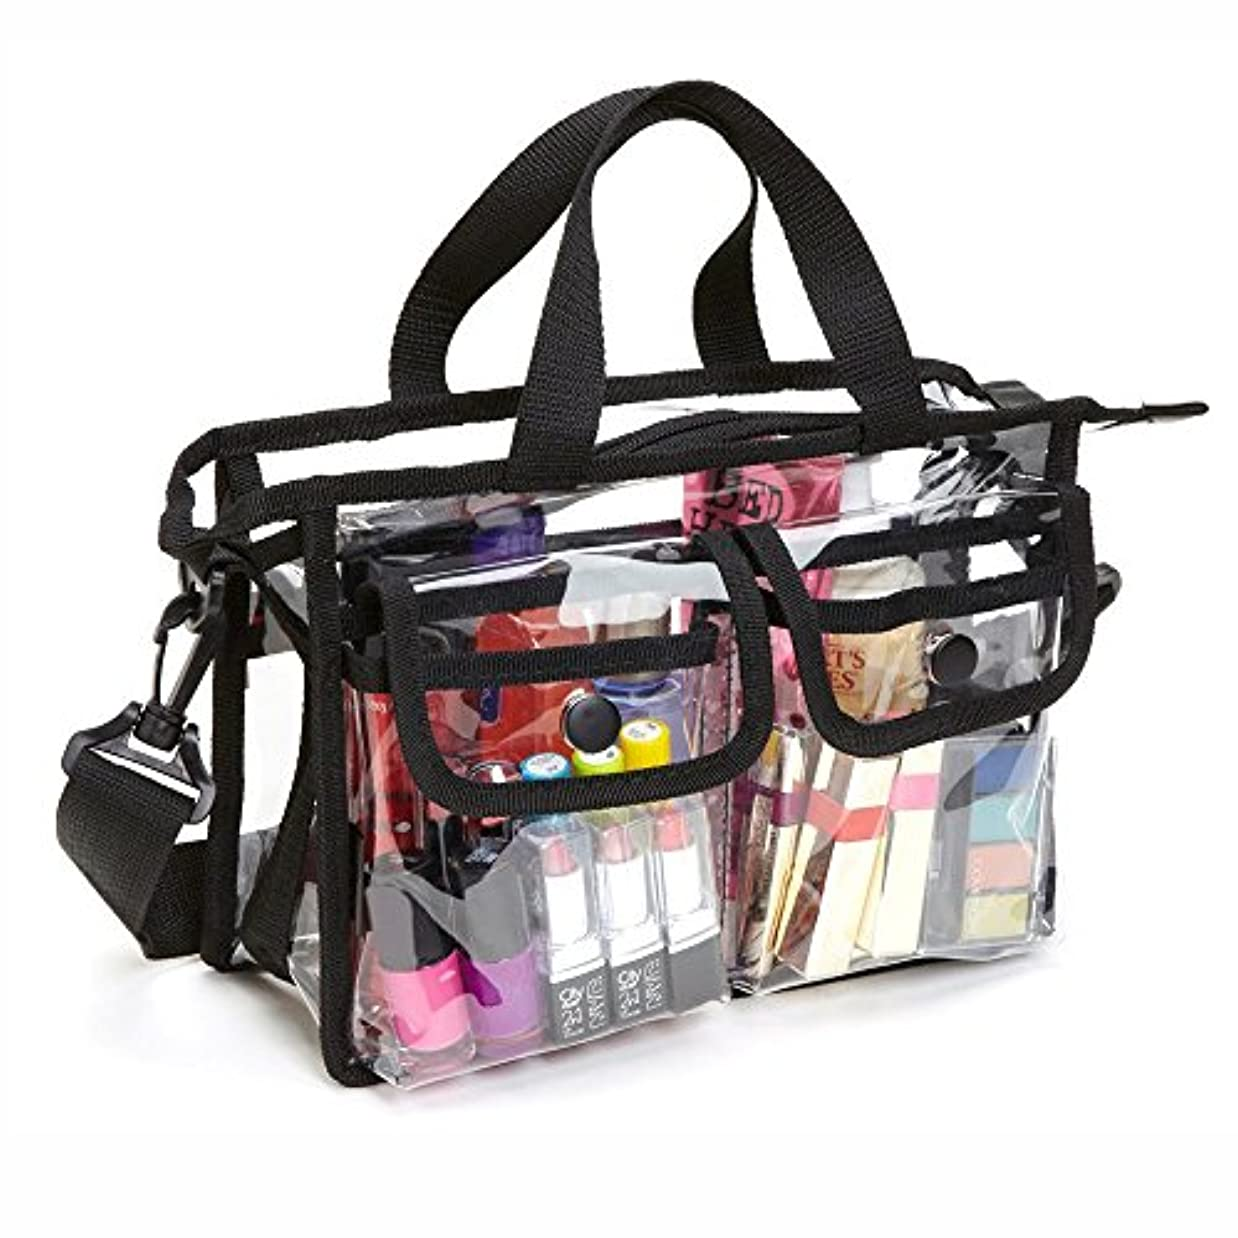 日最悪通貨メイクバッグ Akane EVA ショルダーバッグ 透明 お風呂 防水 厚く 家用 便利 旅行 ビーチ 化粧バッグ